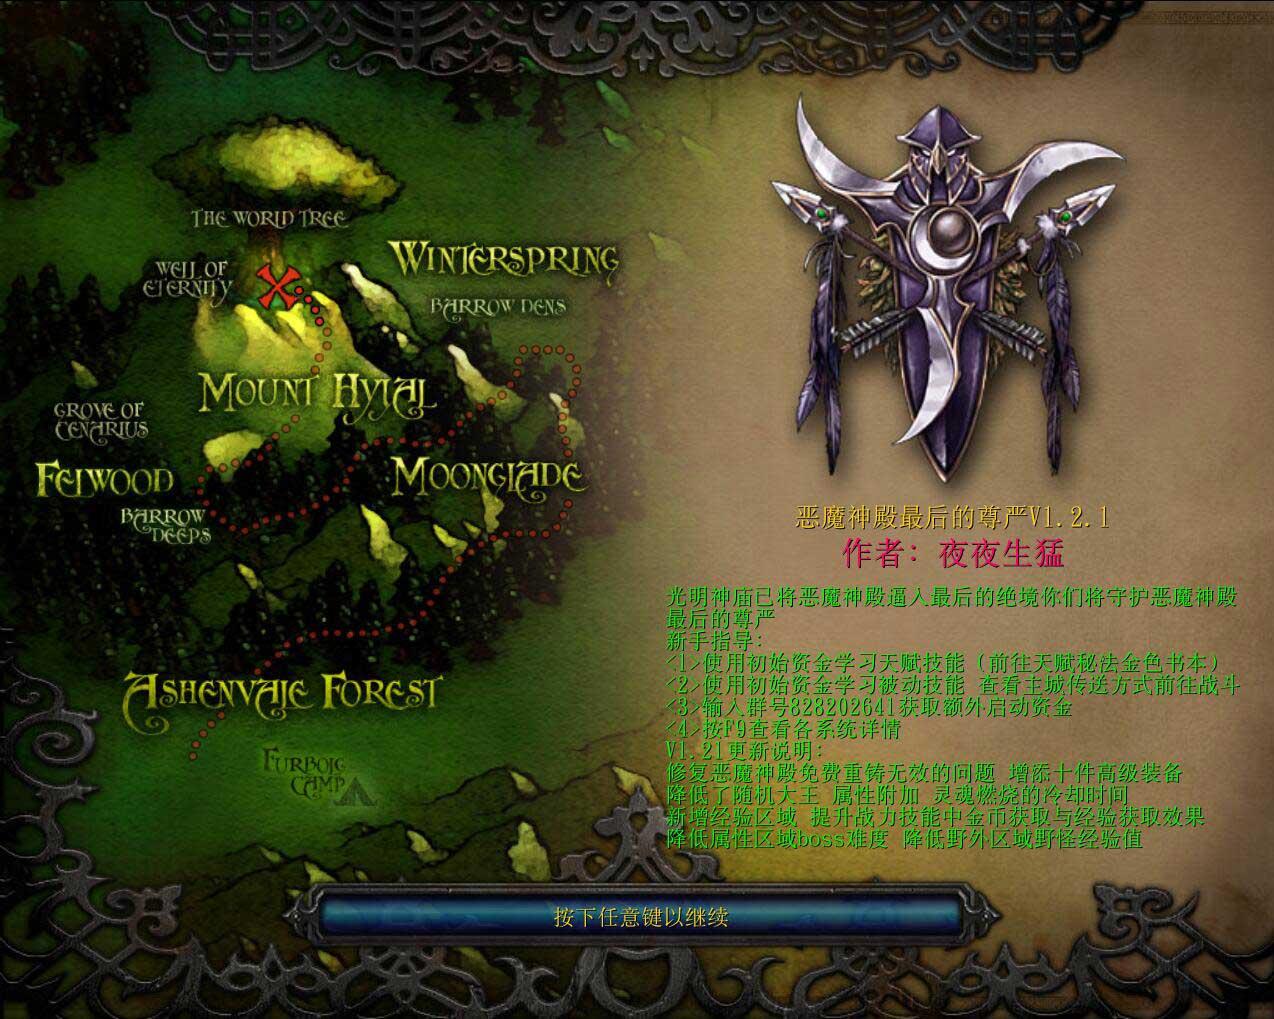 《恶魔神殿最后的尊严》v1.2.1[war3地图]